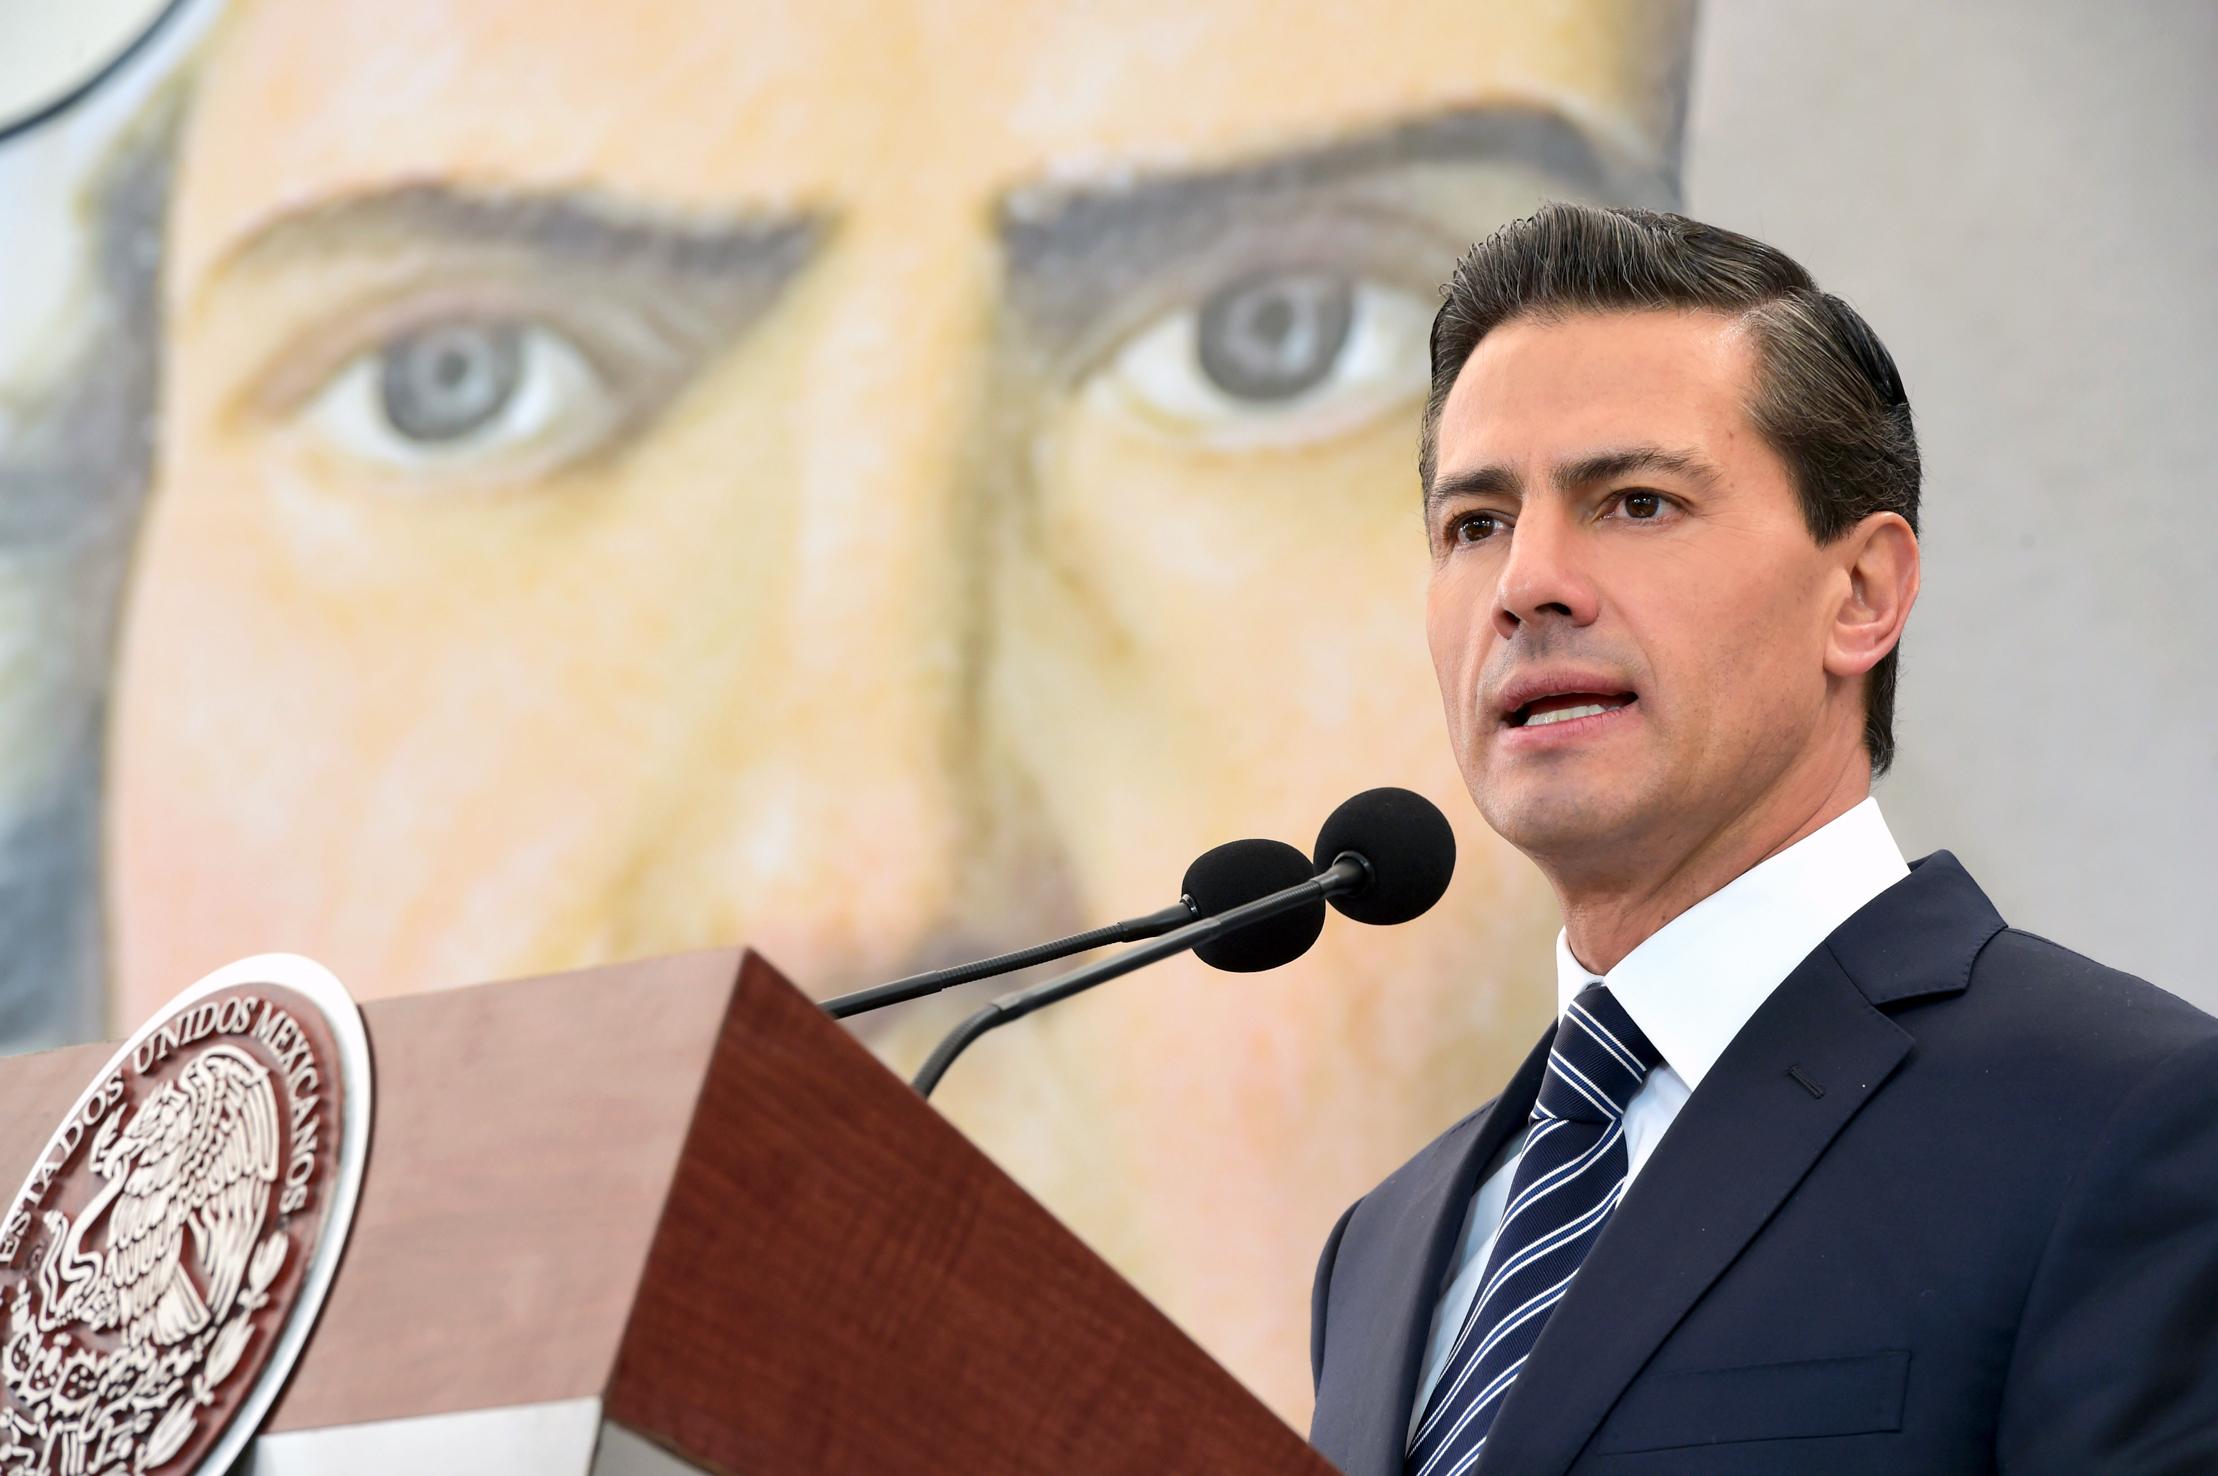 El Presidente Enrique Peña Nieto destacó hoy, que abatir la desigualdad es uno de los mayores retos que enfrentan México y el mundo en este inicio del siglo XXI.